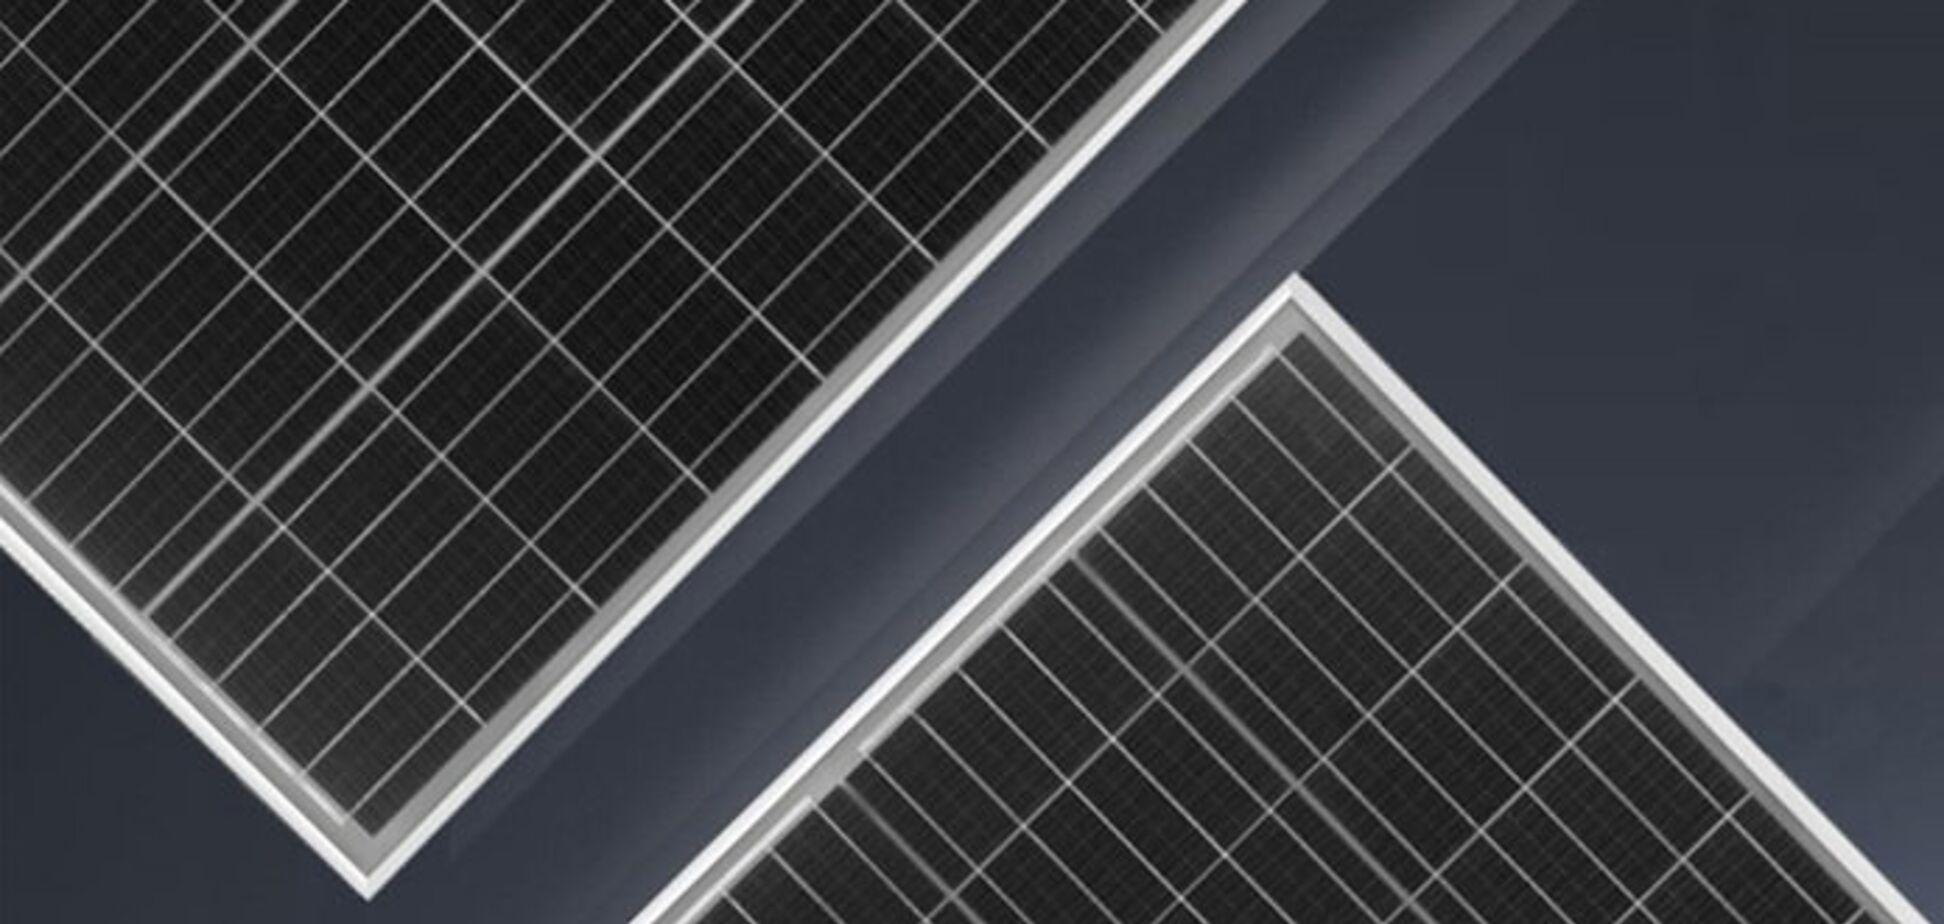 Найден способ повышения эффективности солнечных панелей